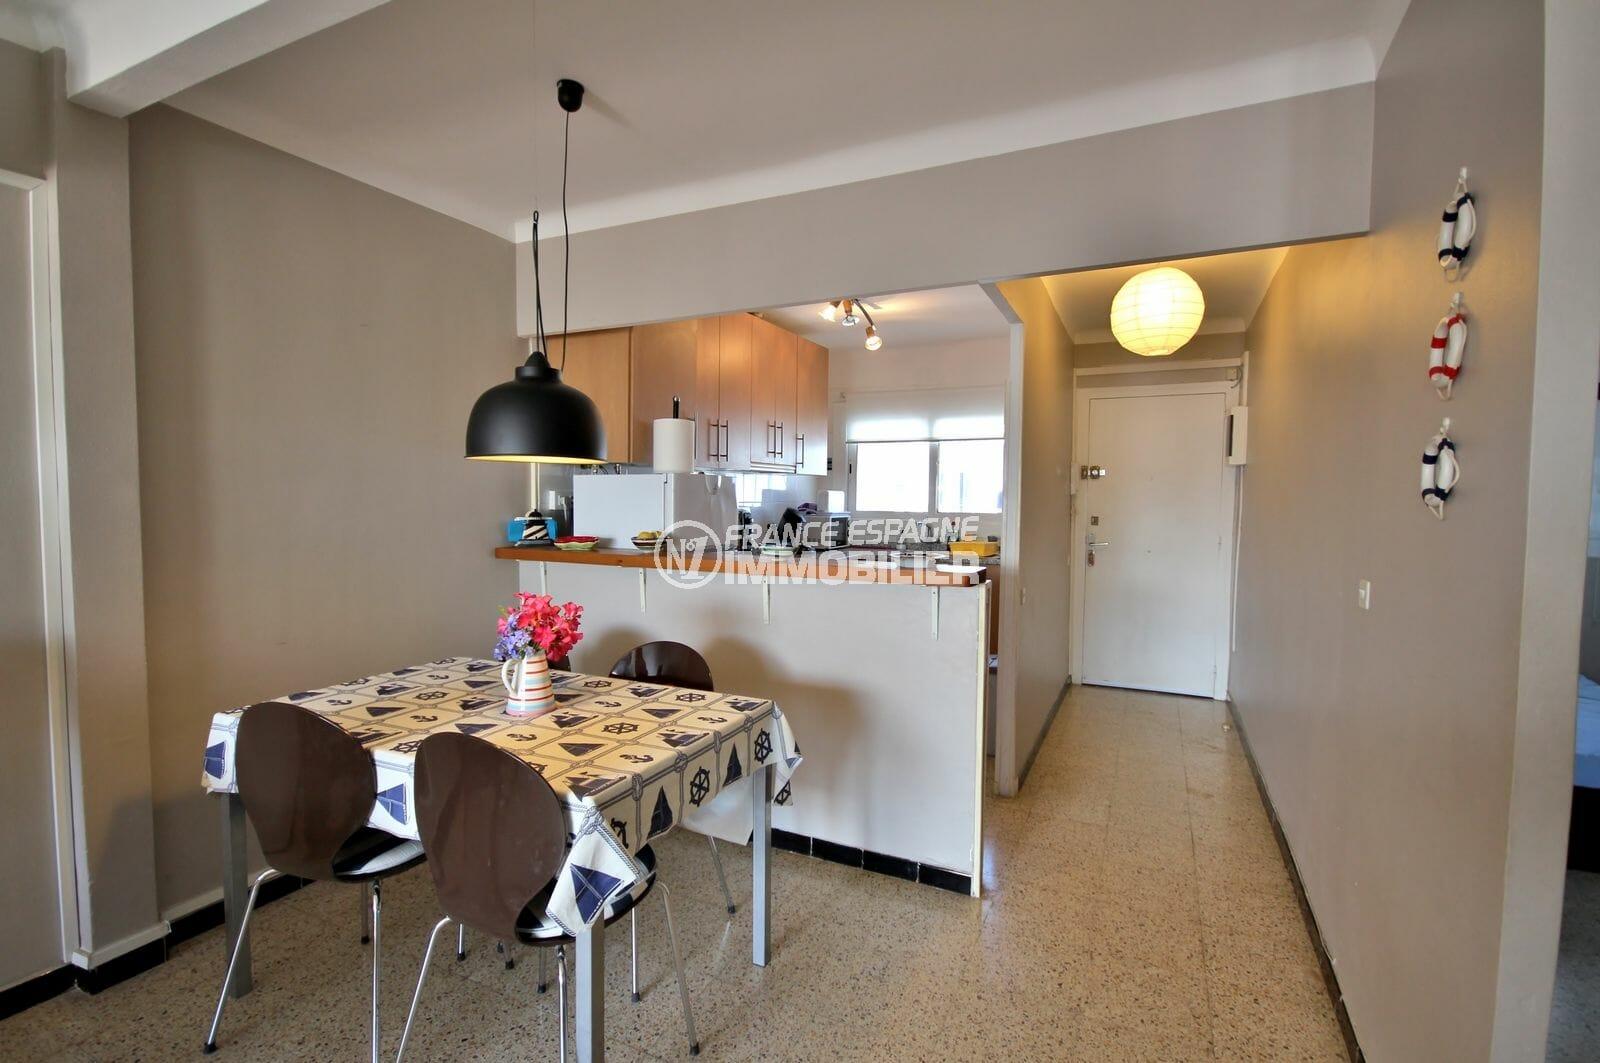 vente appartement empuriabrava, proche plage, cuisine ouverte sur le salon avec coin repas